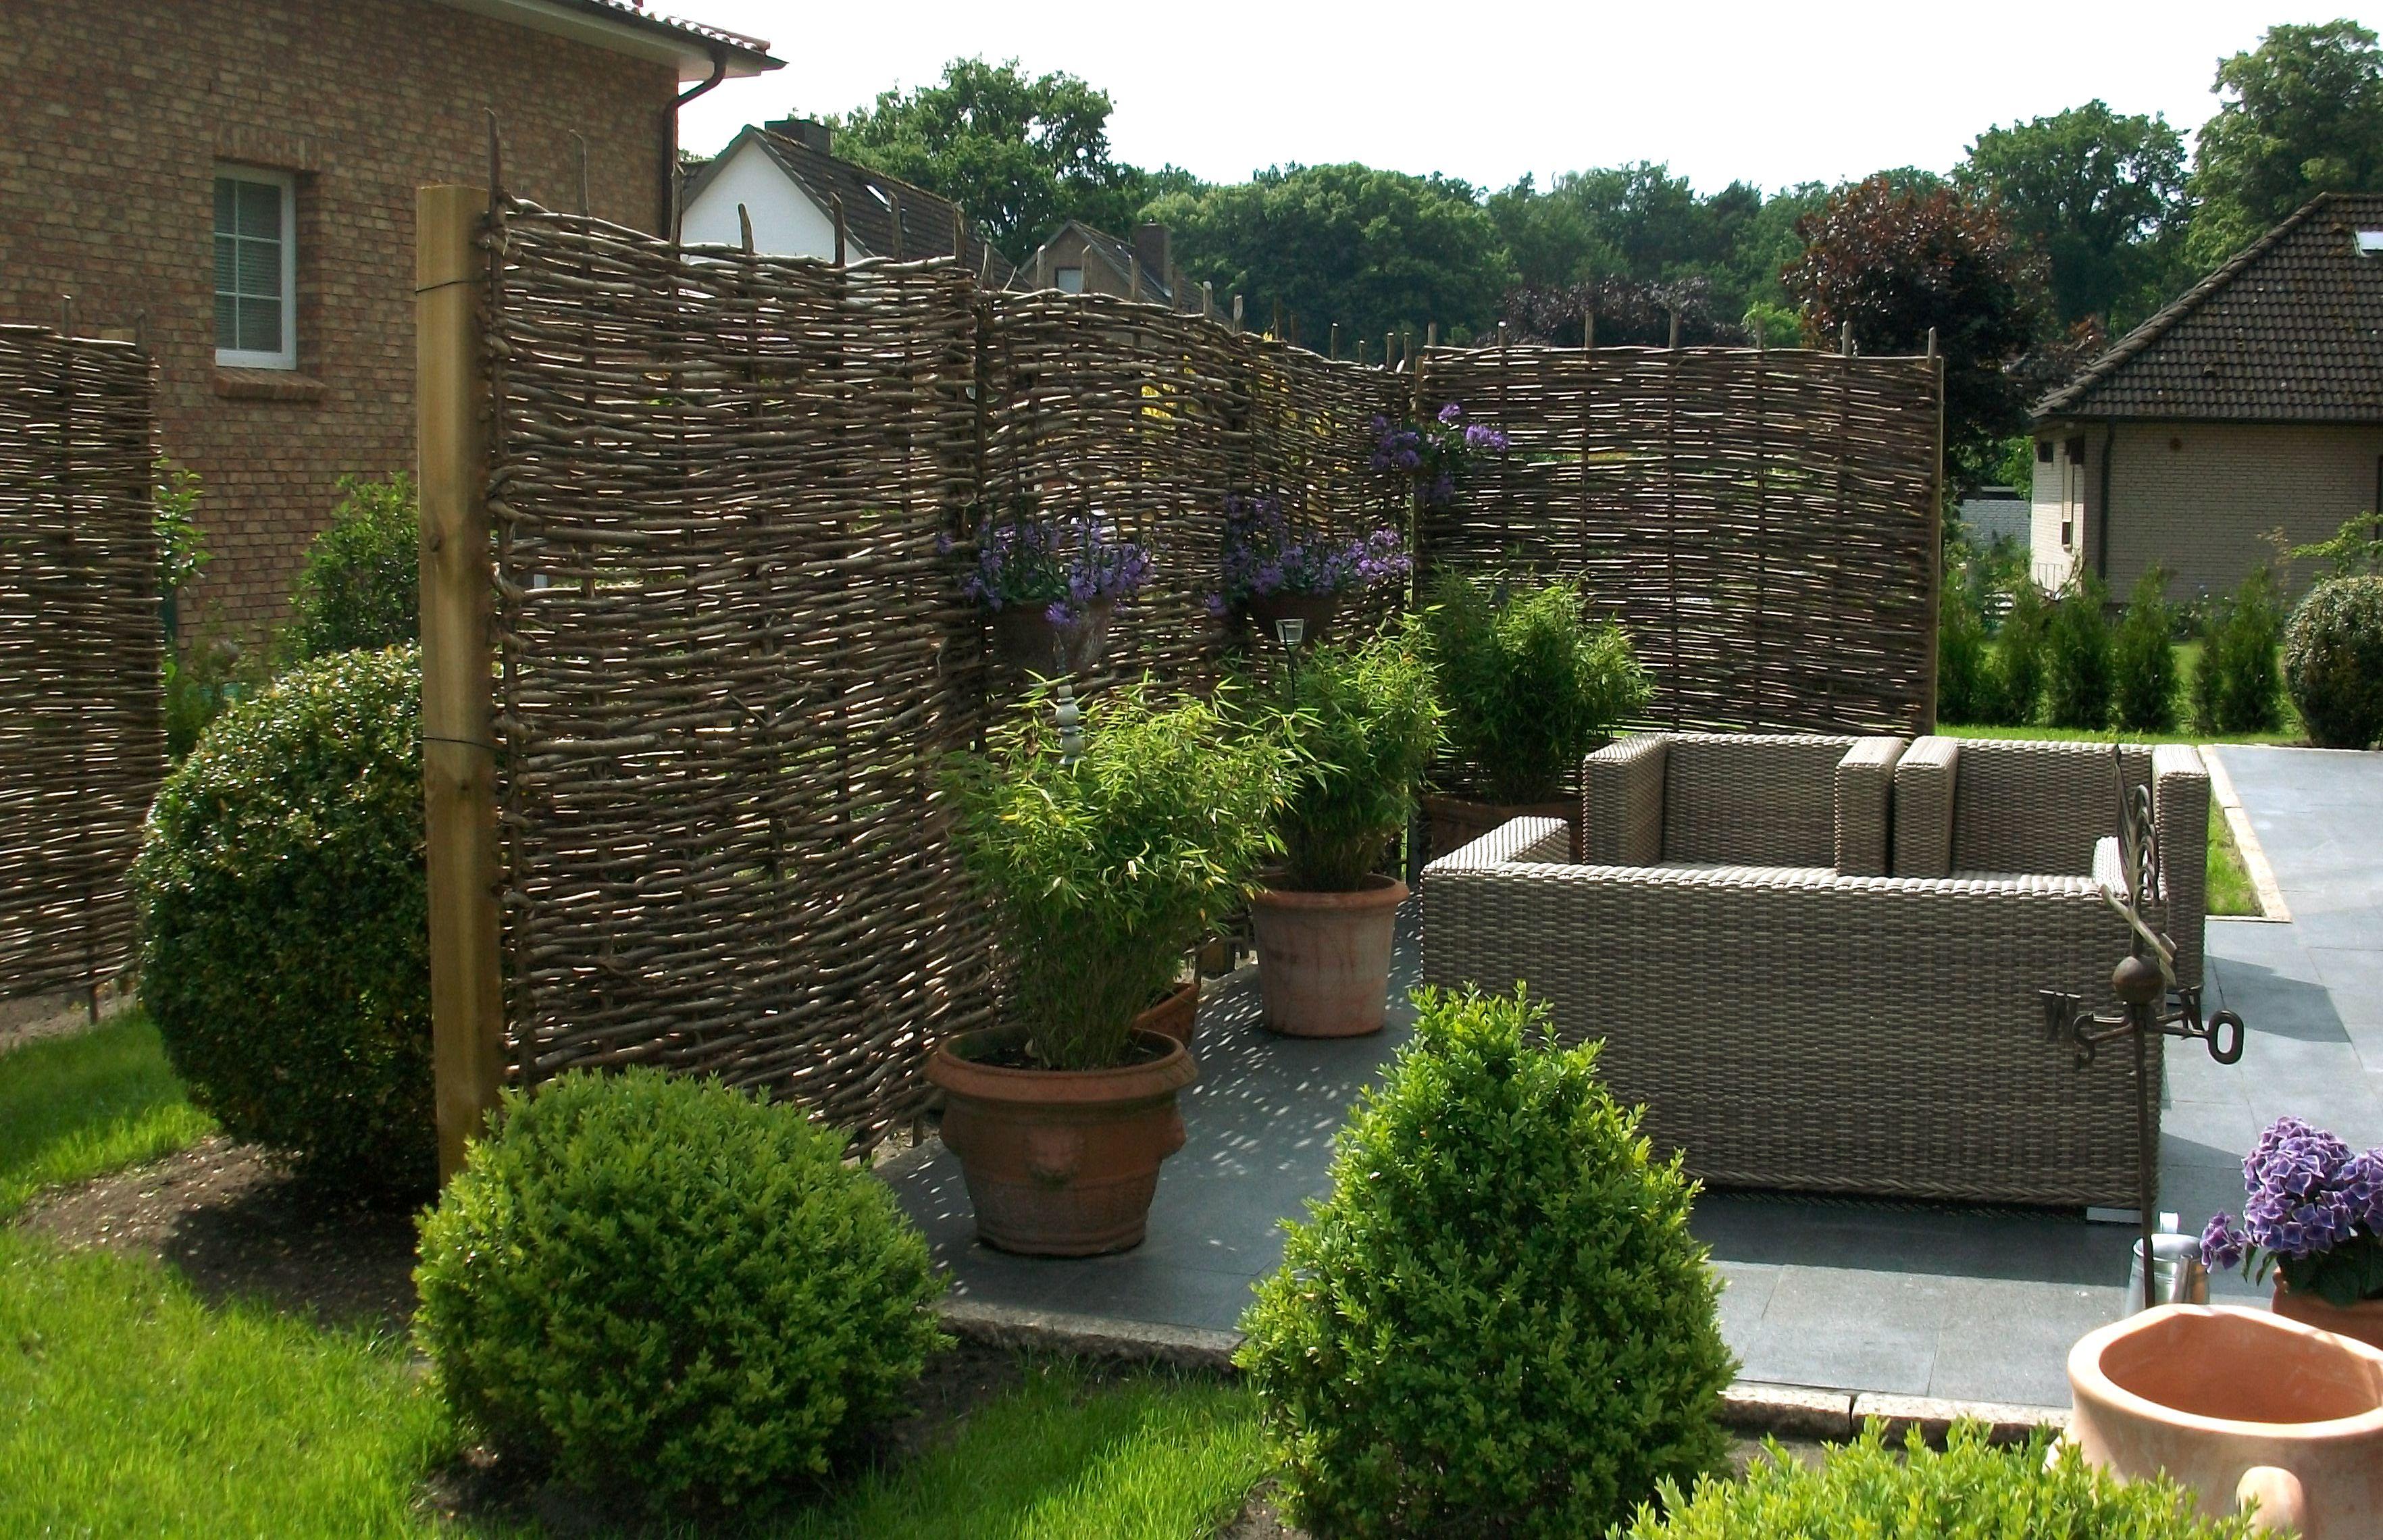 Der Haselnusszaun, Flechtzäune als Sicht  und Windschutz   Outdoor gardens, Backyard, Hardscape